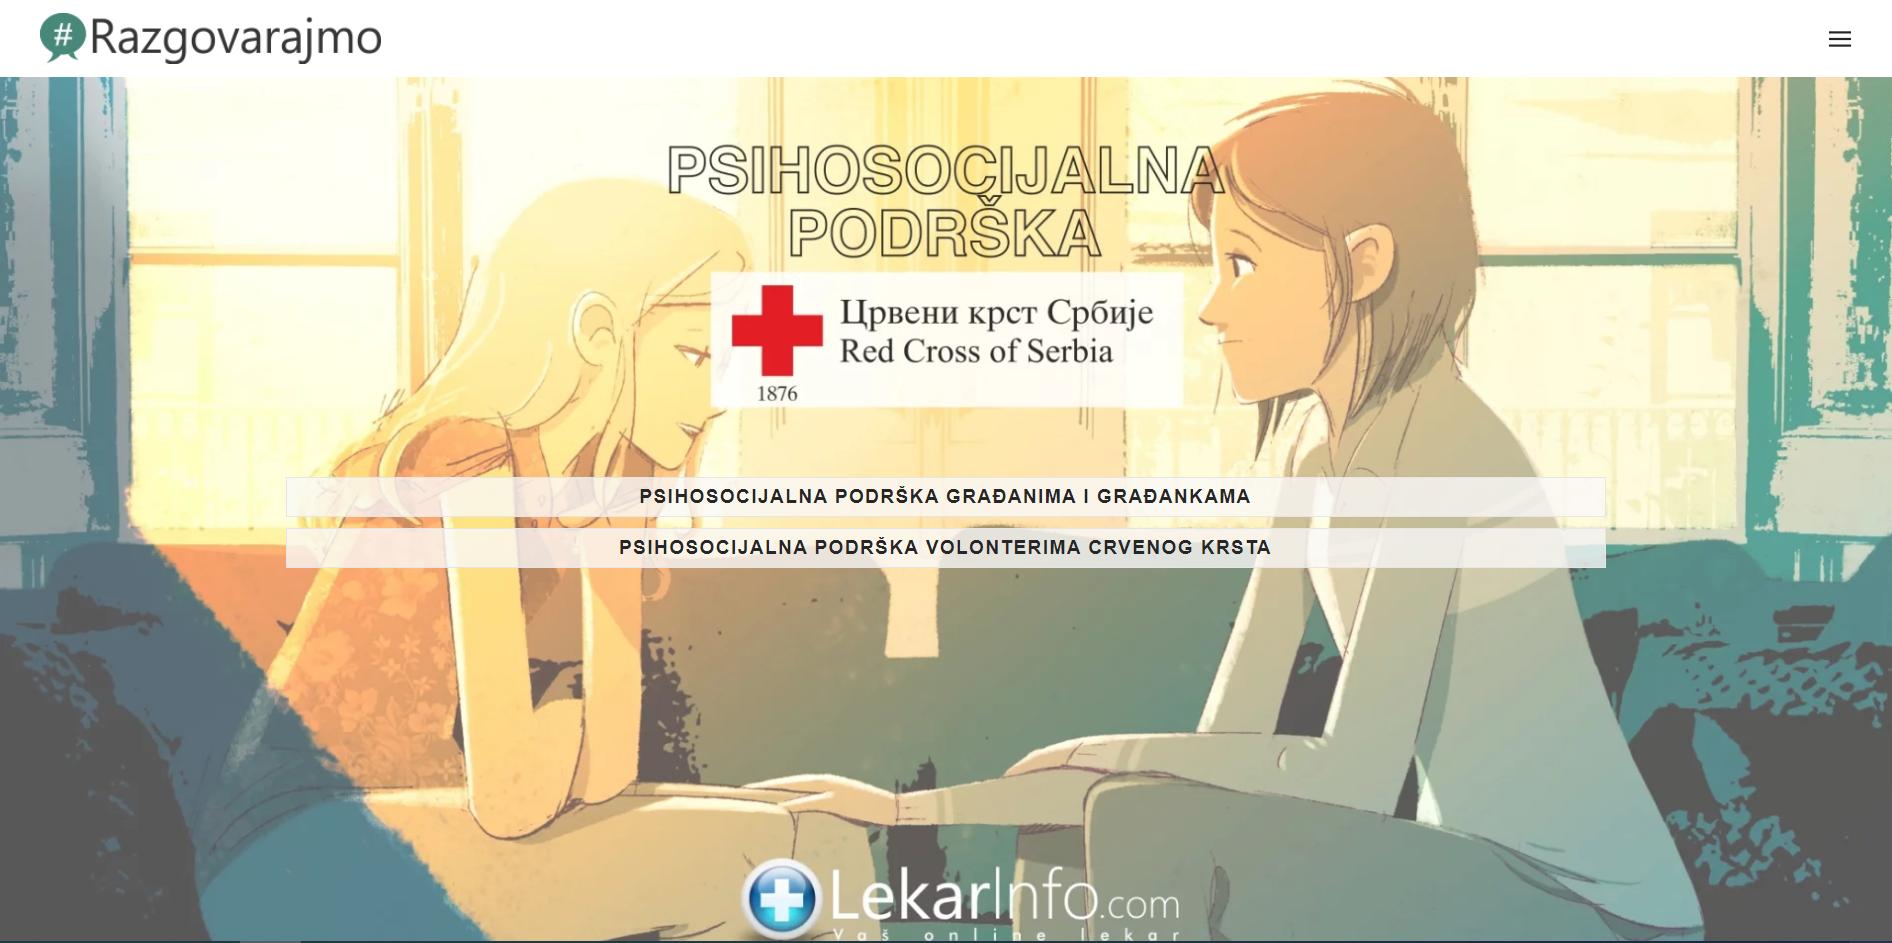 Razgovarajmo-psihosocijalna podrška